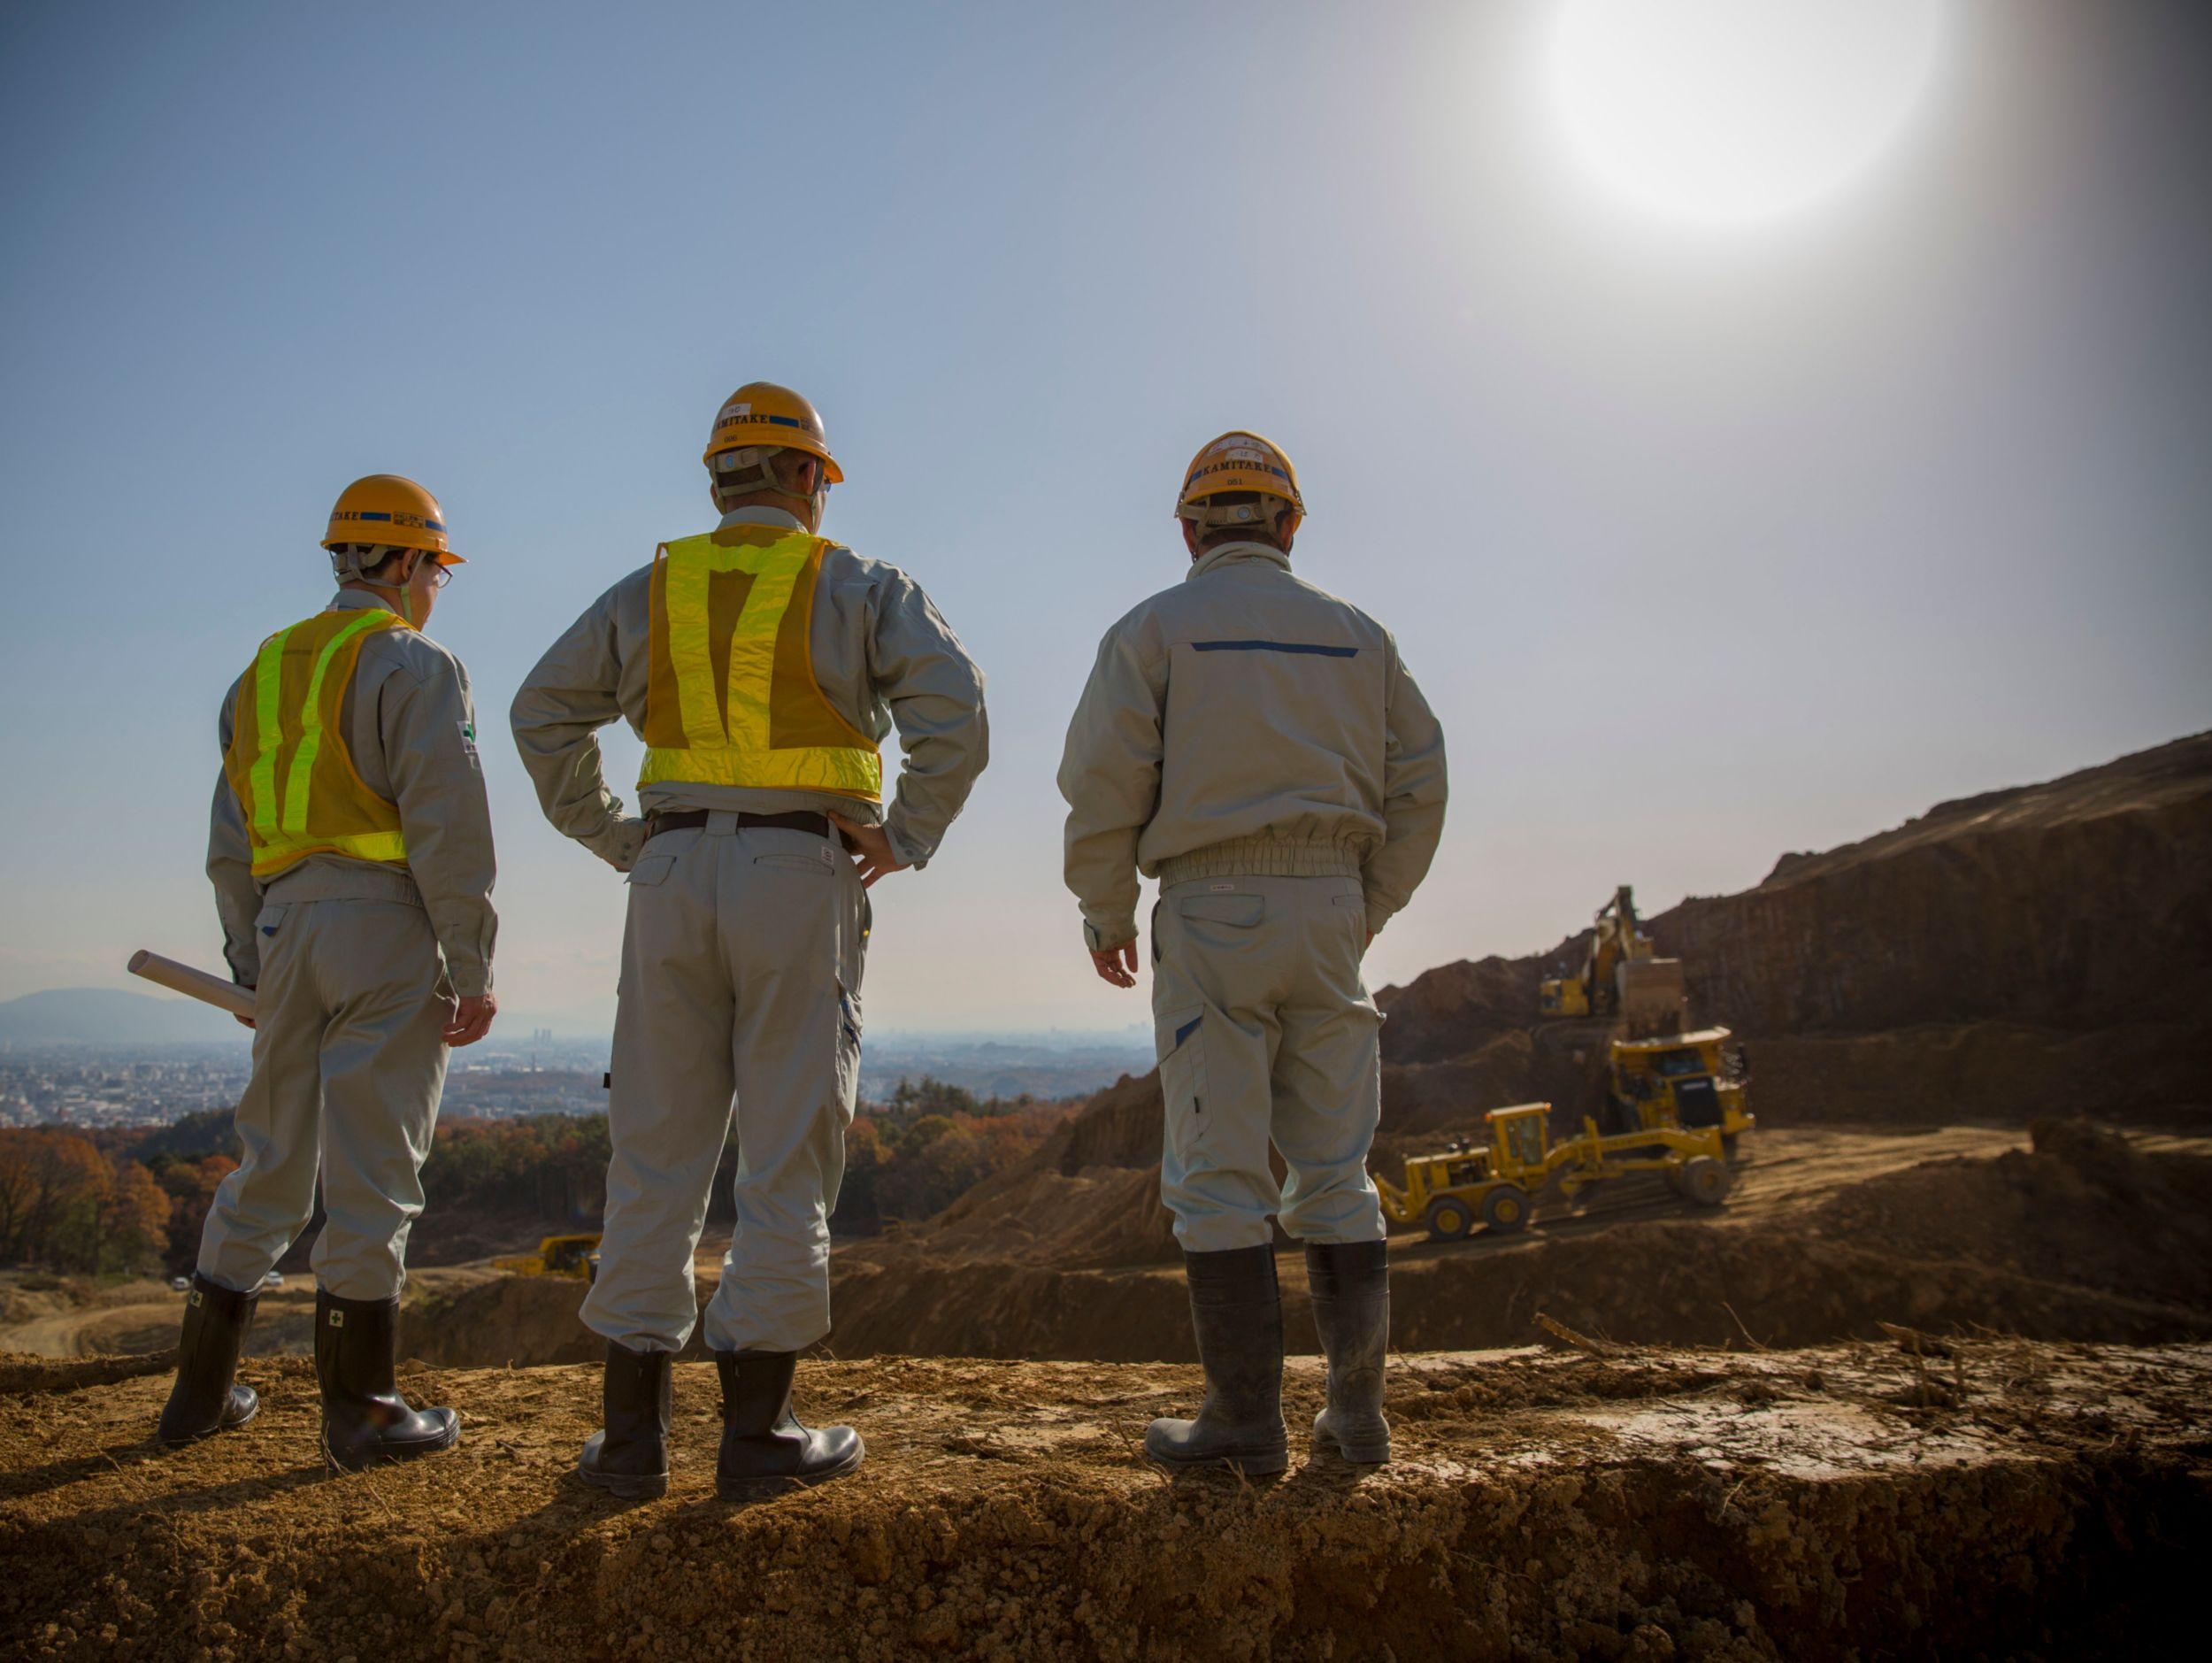 Three men construction gear looking at mining jobsite